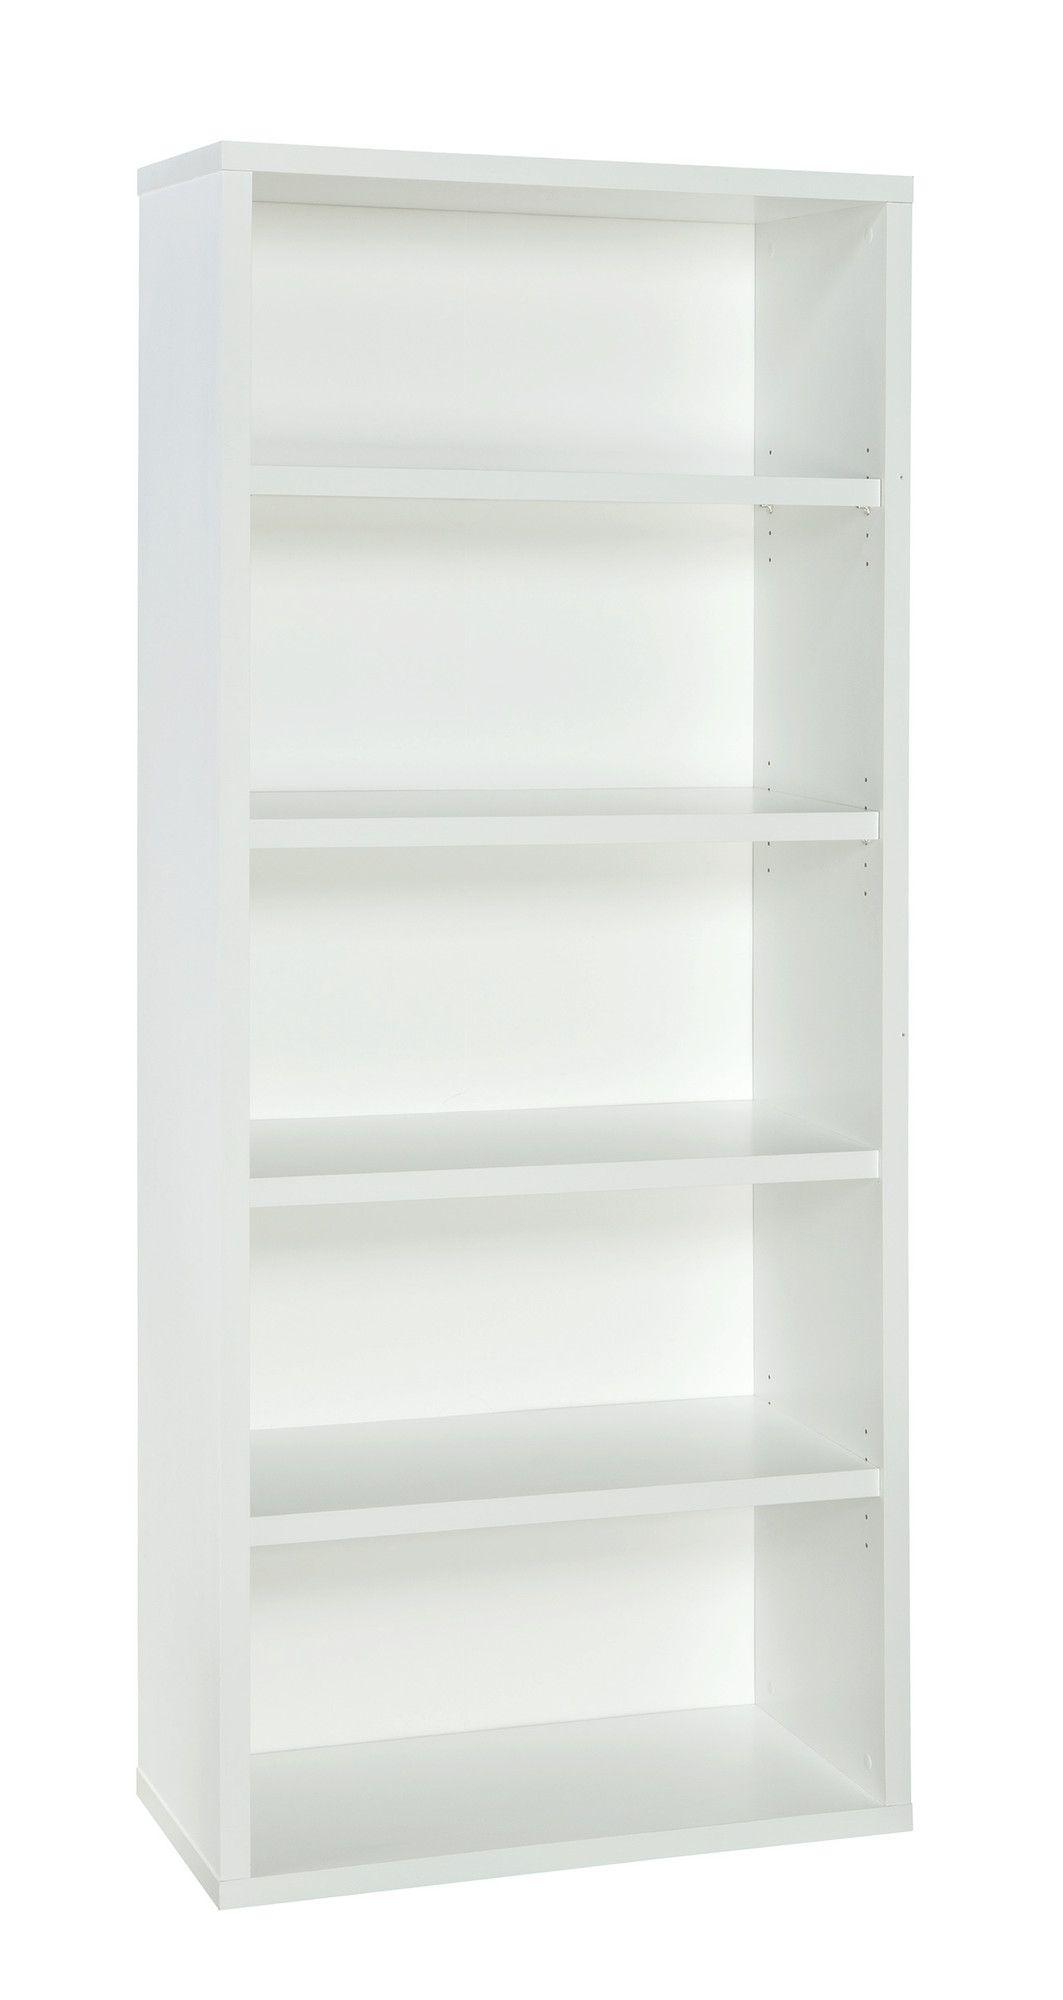 Hyder 73 Standard Bookcase